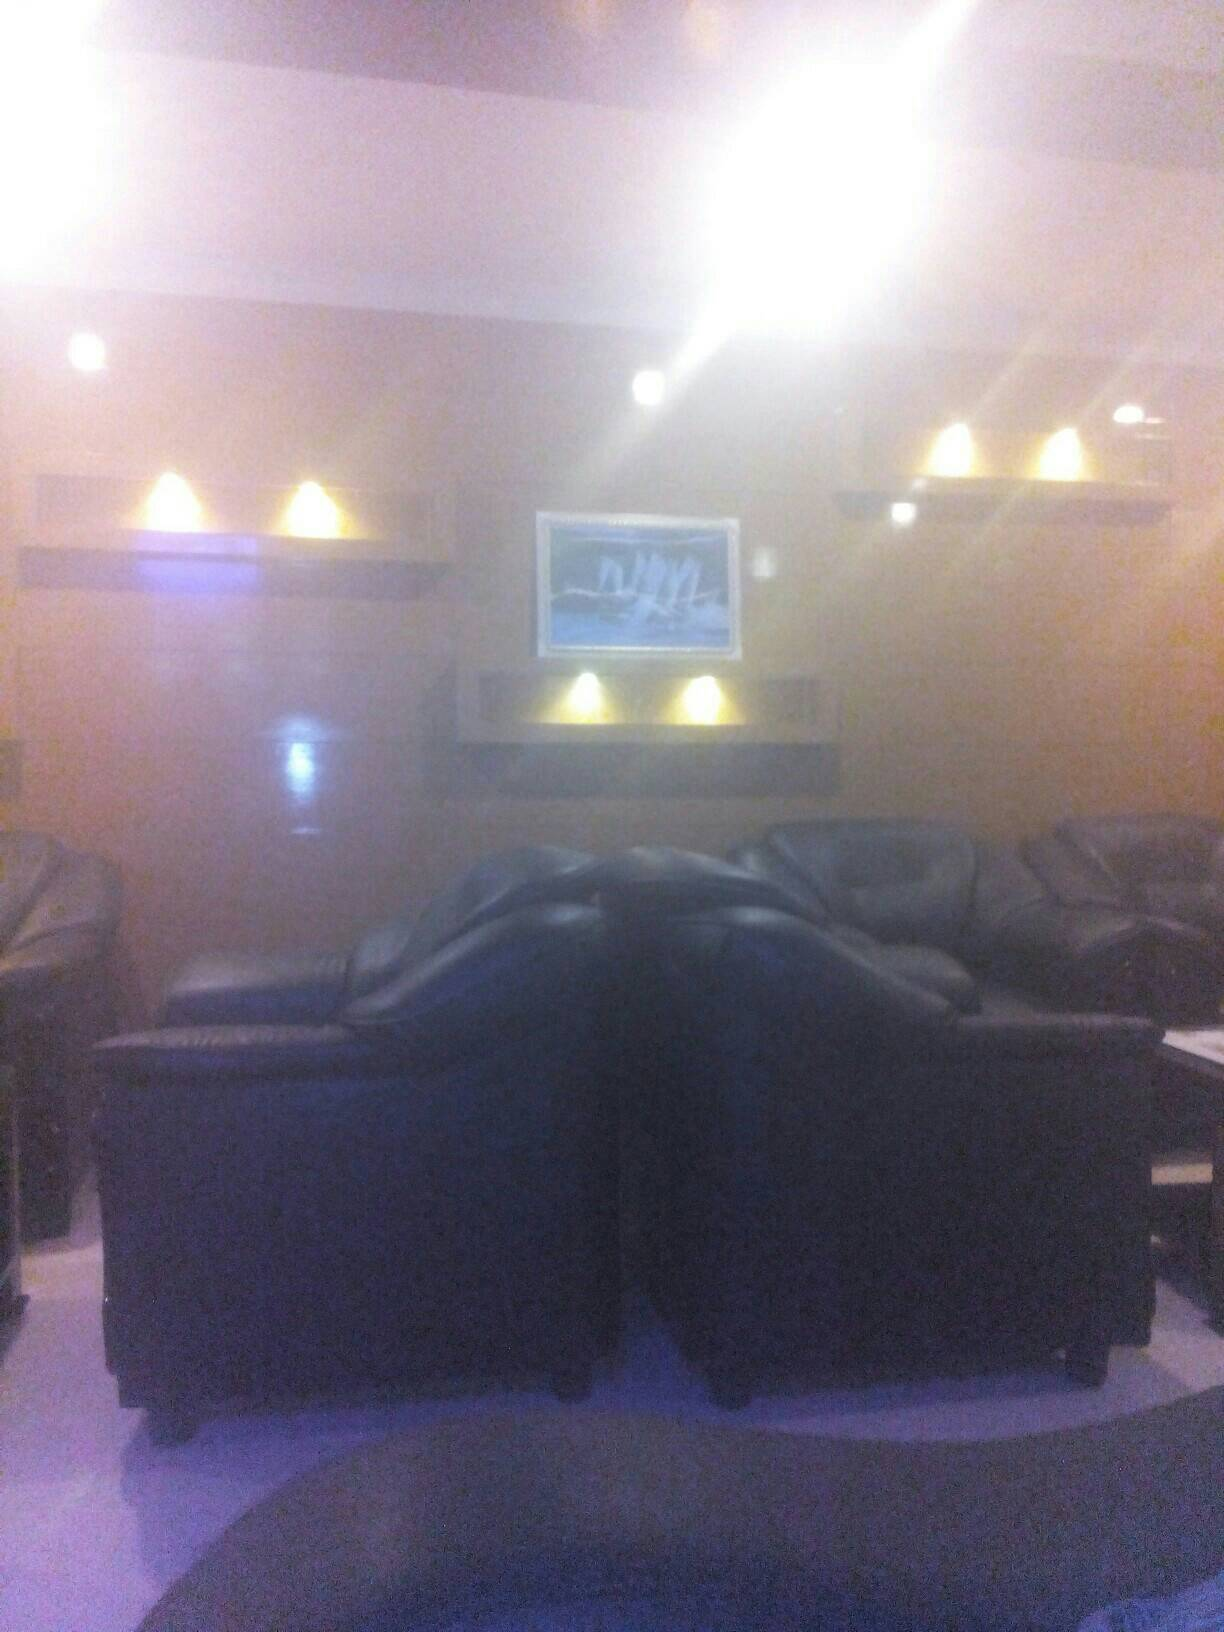 Pvk hotel 9047090000